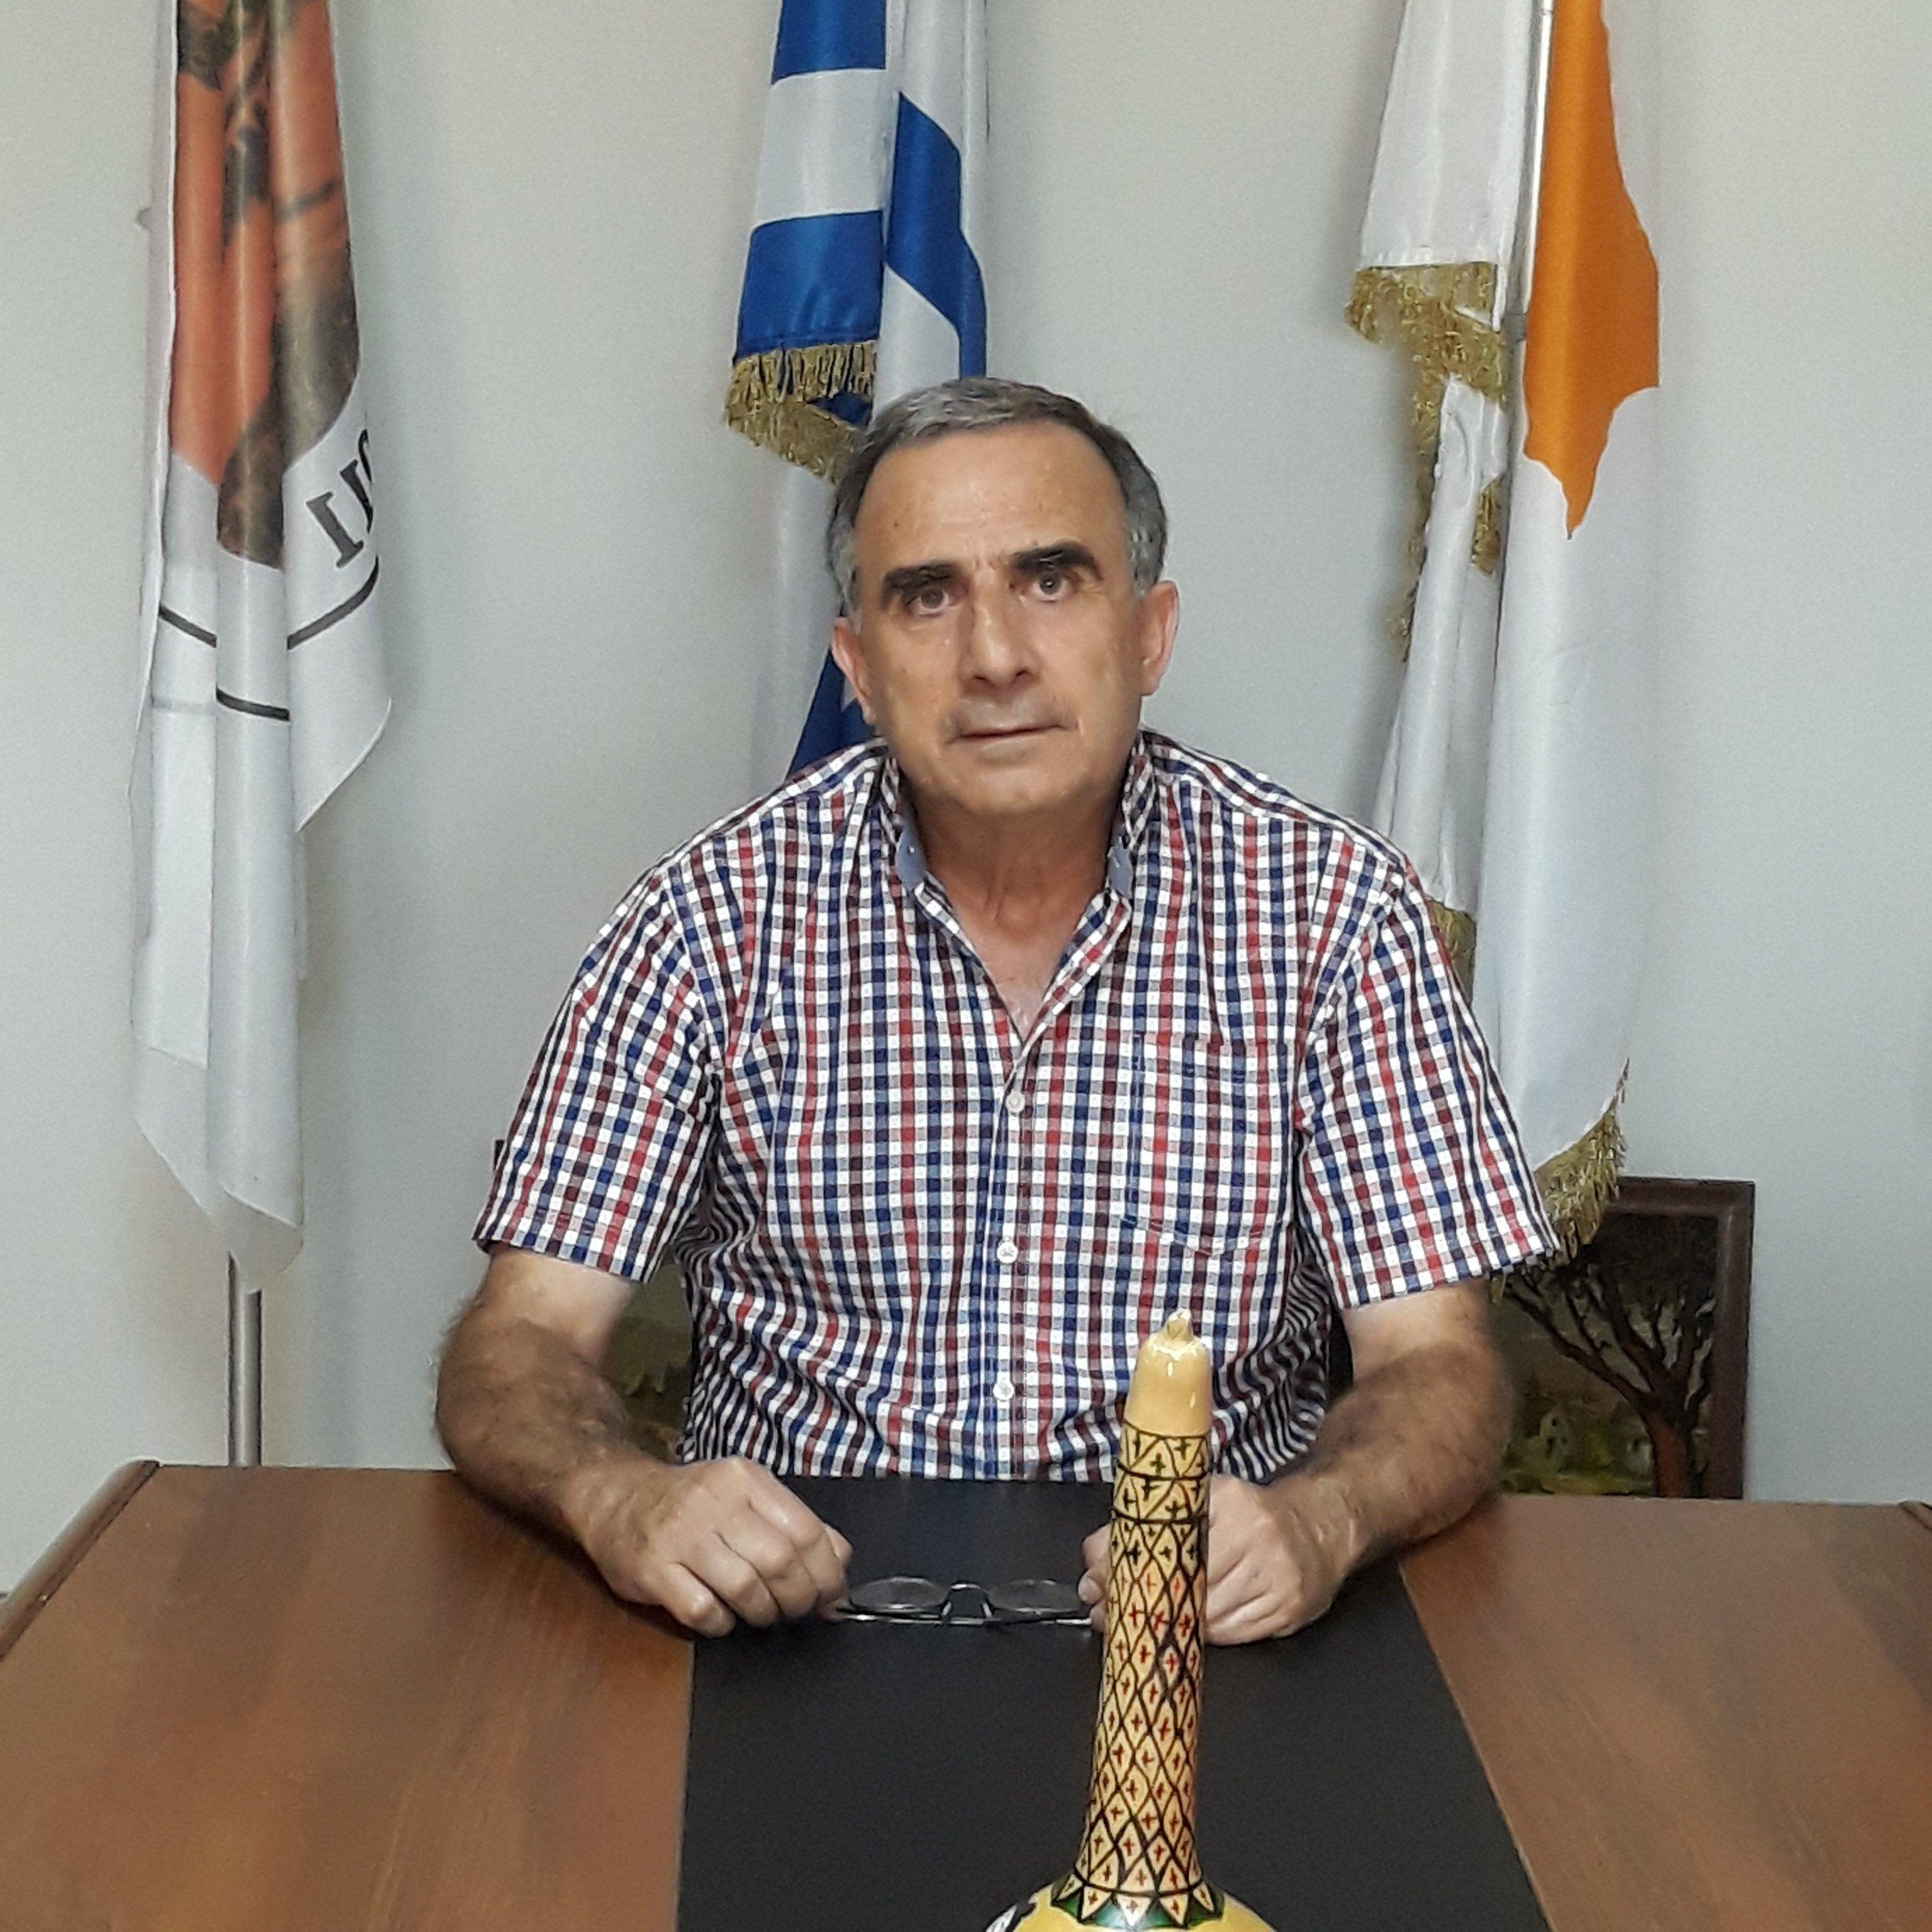 Συνέντευξη Δημάρχου Λιβαδιών Μάριου Αρμένη στο Larnaka Online